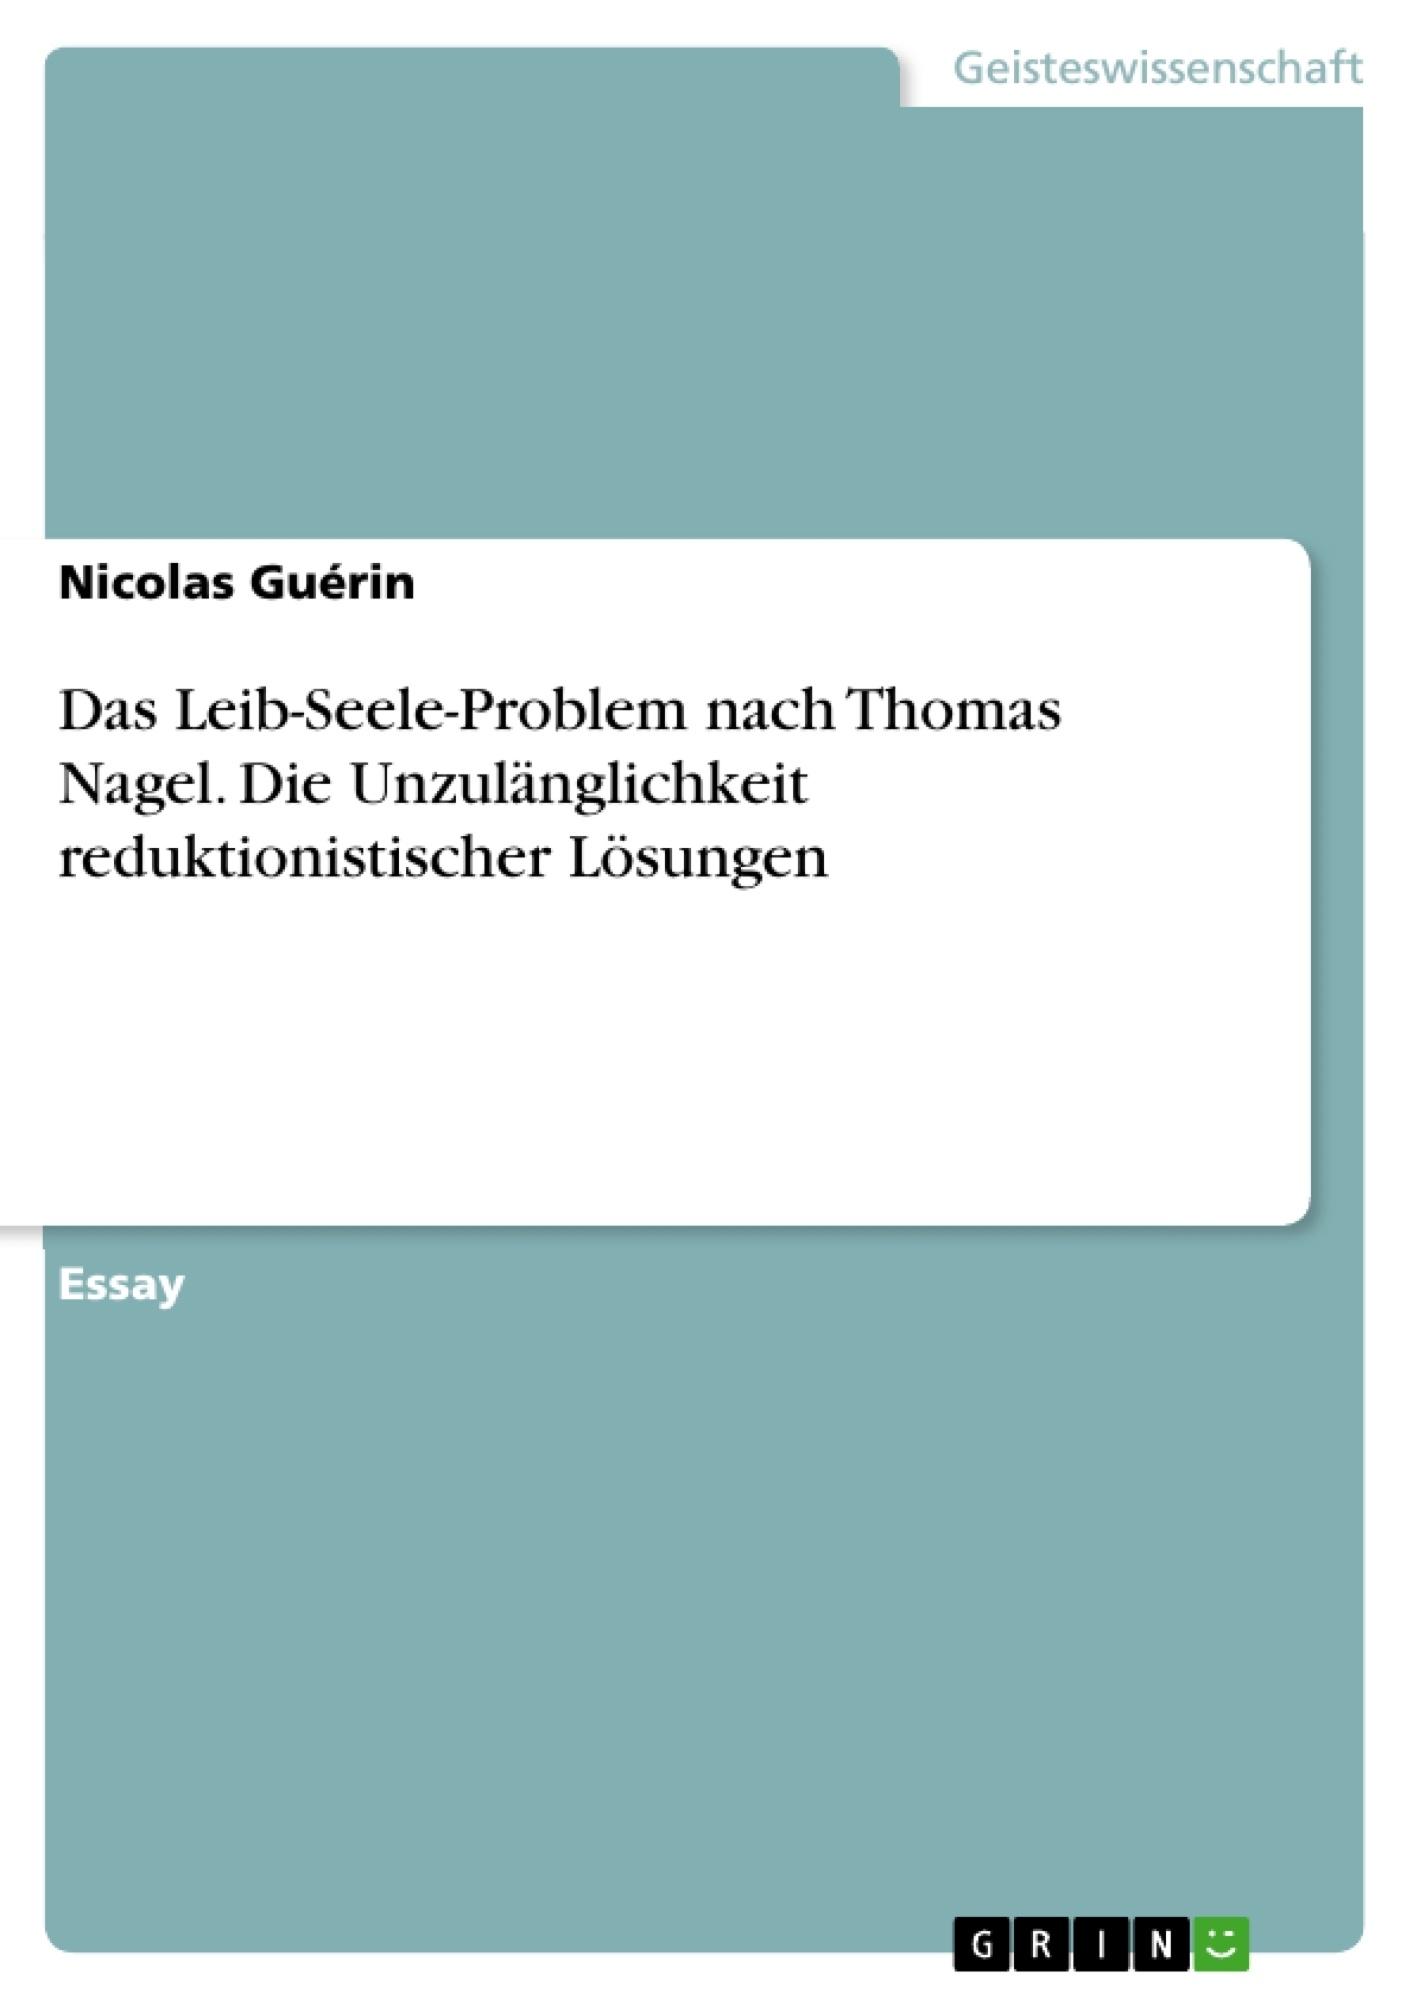 Titel: Das Leib-Seele-Problem nach Thomas Nagel. Die Unzulänglichkeit reduktionistischer Lösungen